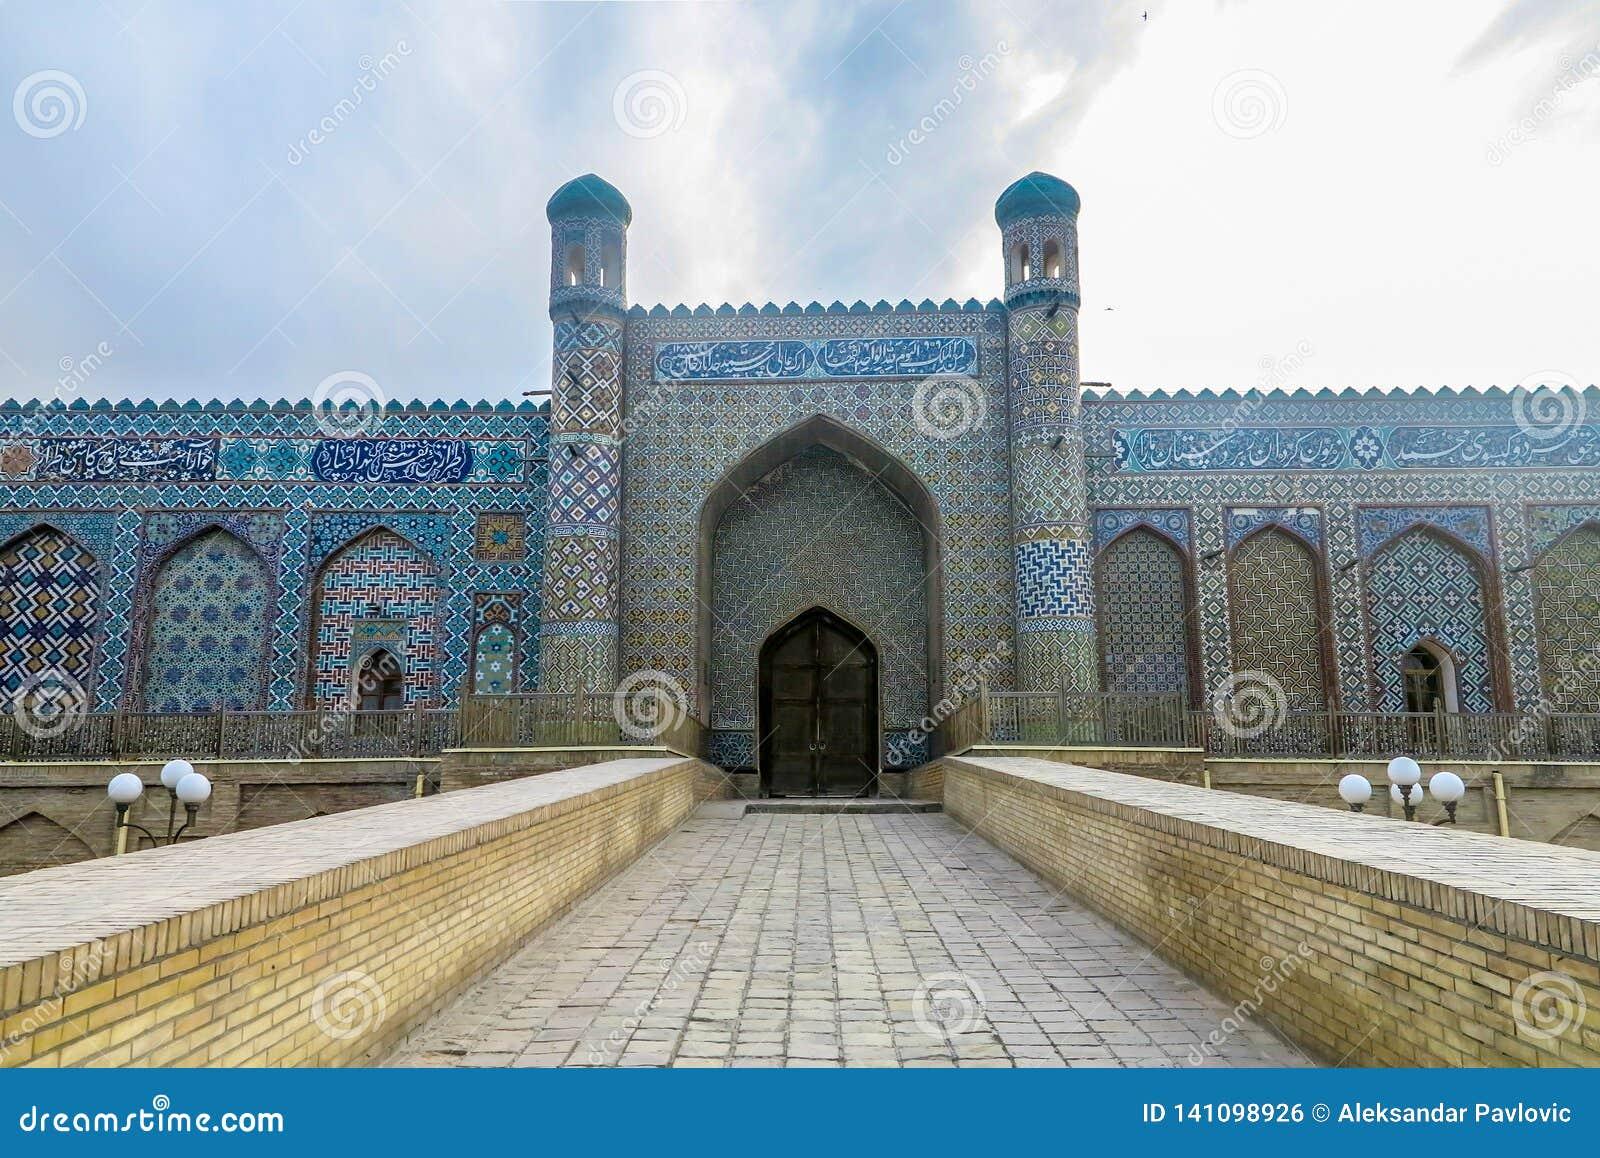 Kokand Khudoyar Khan Palace 02